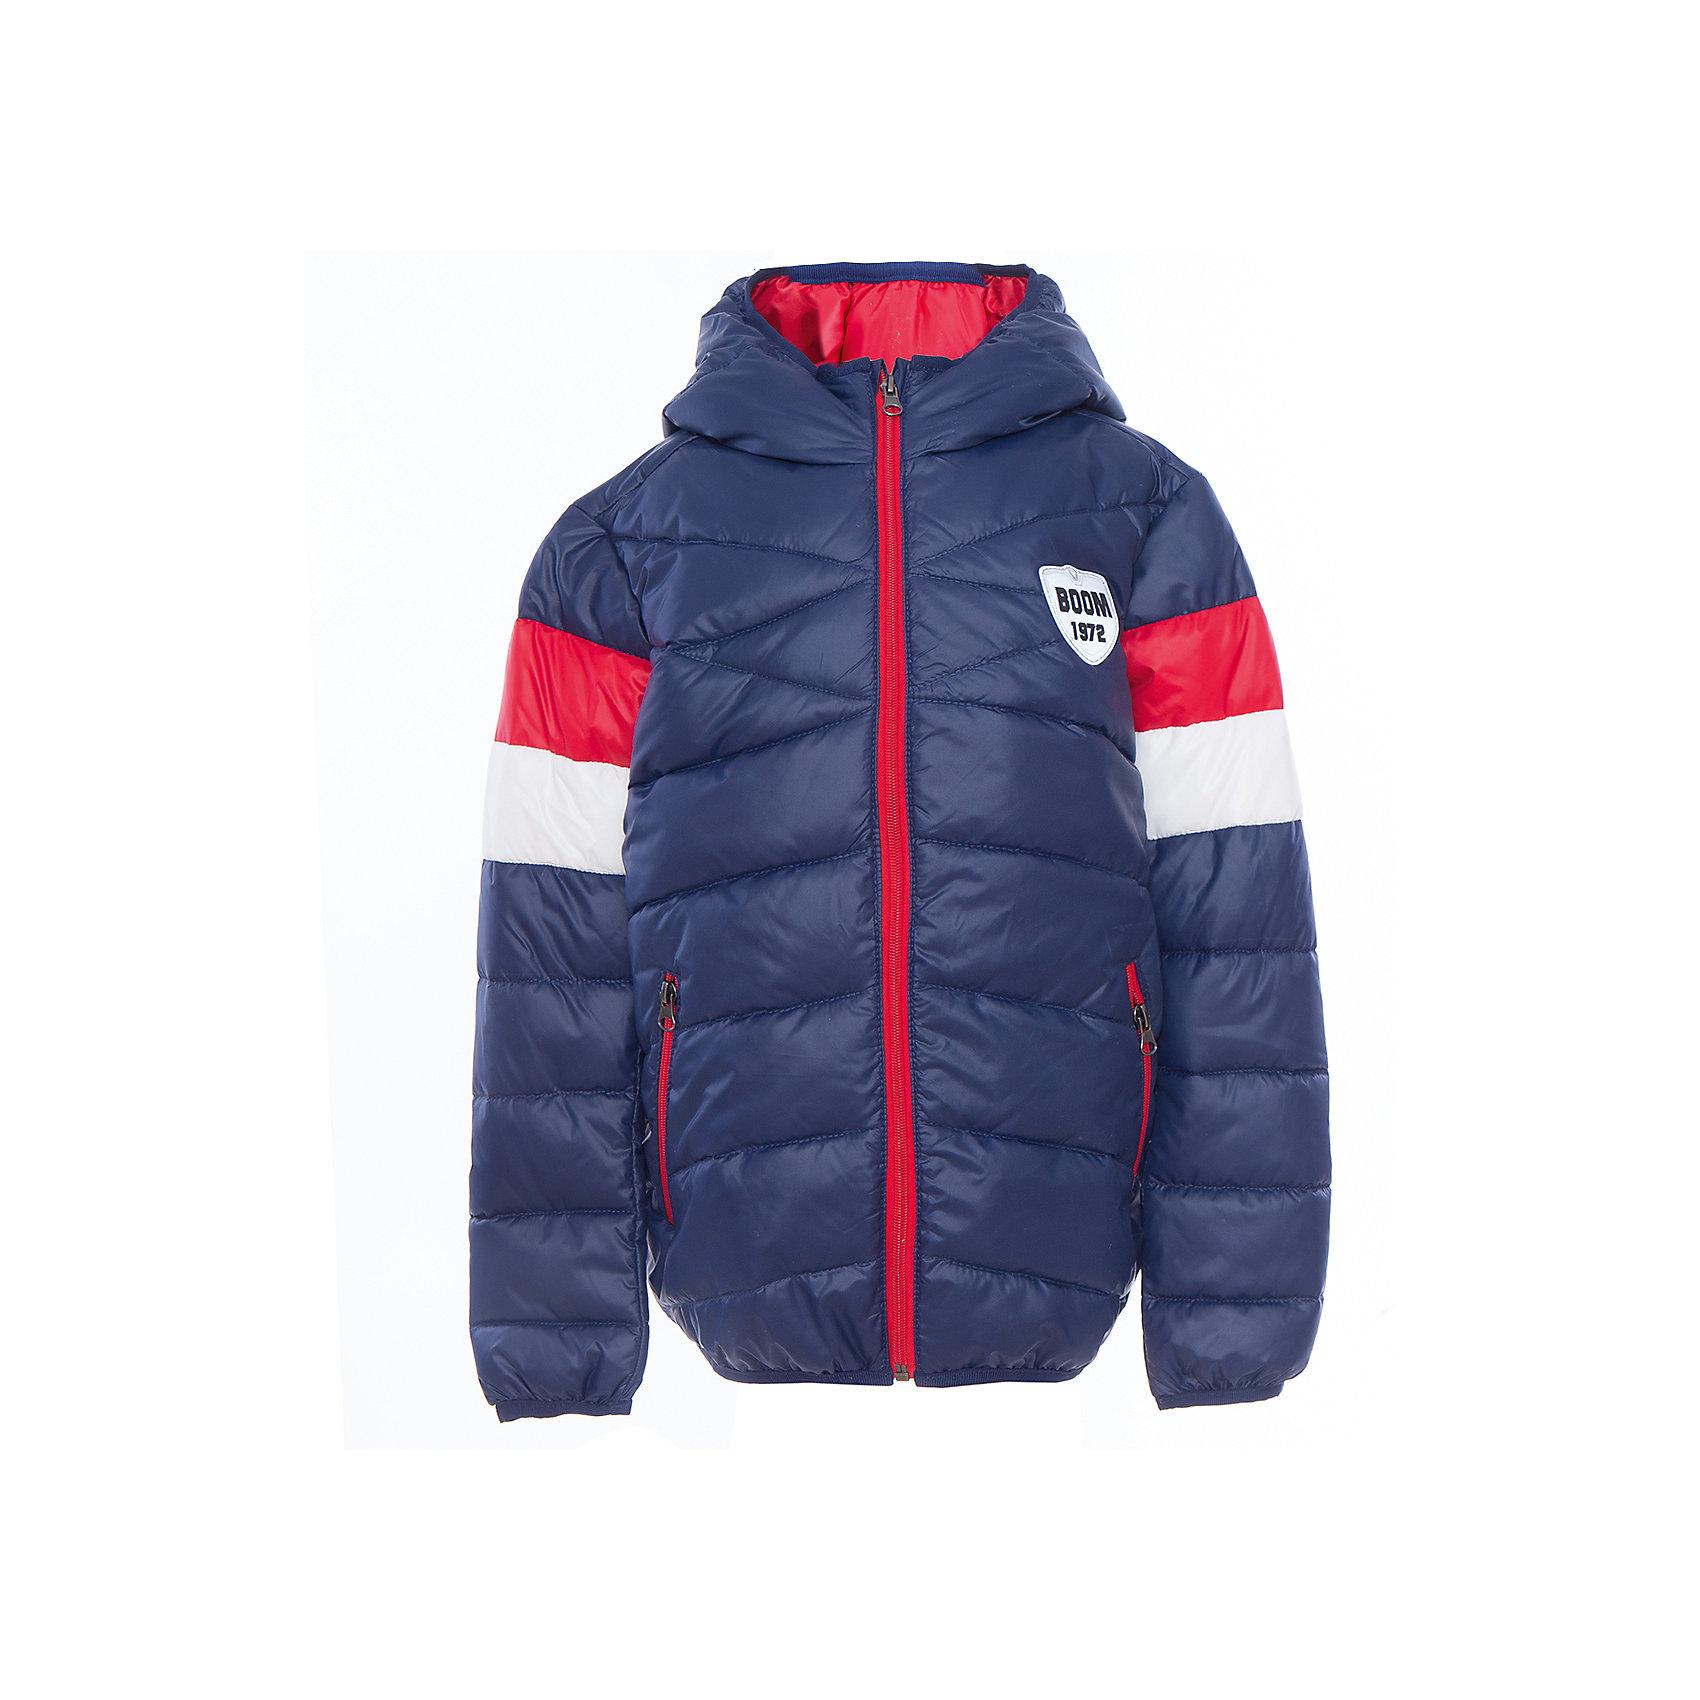 Куртка для мальчика BOOM by OrbyВерхняя одежда<br>Характеристики товара:<br><br>• цвет: синий<br>• состав: верх - болонь, подкладка - полиэстер, утеплитель: эко-синтепон 150 г/м2<br>• карманы<br>• температурный режим: от -5 С° до +10 С° <br>• капюшон не отстёгивается<br>• застежка - молния<br>• стеганая<br>• декорирована нашивкой<br>• комфортная посадка<br>• страна производства: Российская Федерация<br>• страна бренда: Российская Федерация<br>• коллекция: весна-лето 2017<br><br>Такая куртка - отличный вариант для походов в школу в межсезонье с его постоянно меняющейся погодой. Эта модель - модная и удобная одновременно! Изделие отличается стильным элегантным дизайном. Куртка хорошо сидит по фигуре, отлично сочетается с различным низом. Вещь была разработана специально для детей.<br><br>Одежда от российского бренда BOOM by Orby уже завоевала популярностью у многих детей и их родителей. Вещи, выпускаемые компанией, качественные, продуманные и очень удобные. Для производства коллекций используются только безопасные для детей материалы. Спешите приобрести модели из новой коллекции Весна-лето 2017! <br><br>Куртку для мальчика от бренда BOOM by Orby можно купить в нашем интернет-магазине.<br><br>Ширина мм: 356<br>Глубина мм: 10<br>Высота мм: 245<br>Вес г: 519<br>Цвет: синий<br>Возраст от месяцев: 24<br>Возраст до месяцев: 36<br>Пол: Мужской<br>Возраст: Детский<br>Размер: 98,158,104,110,116,122,128,134,140,146,152<br>SKU: 5342676